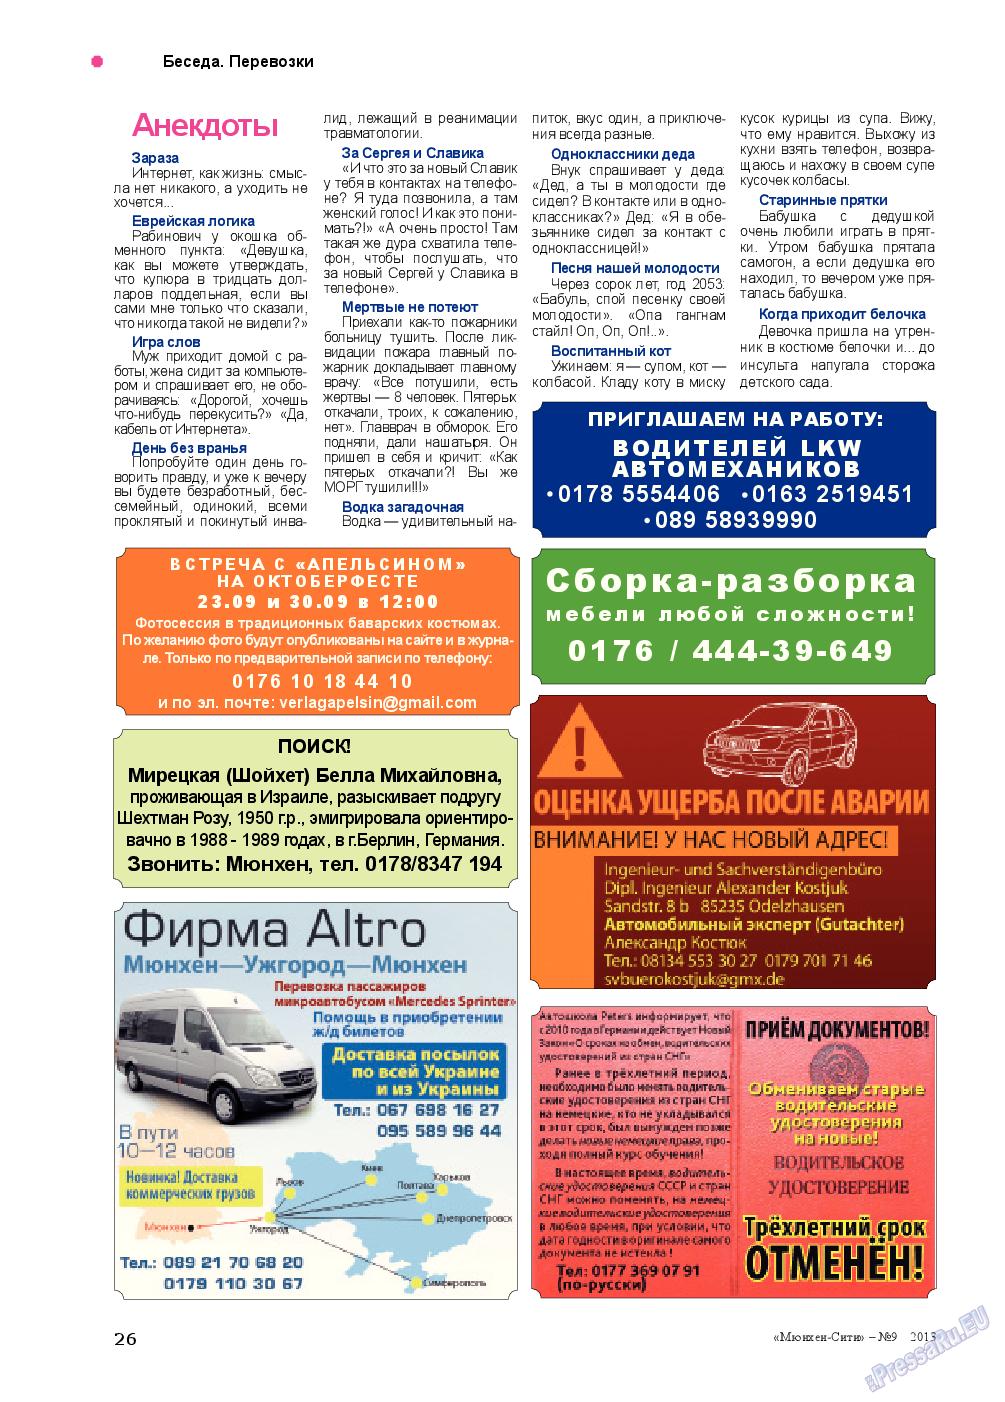 Мюнхен-сити (журнал). 2013 год, номер 9, стр. 26